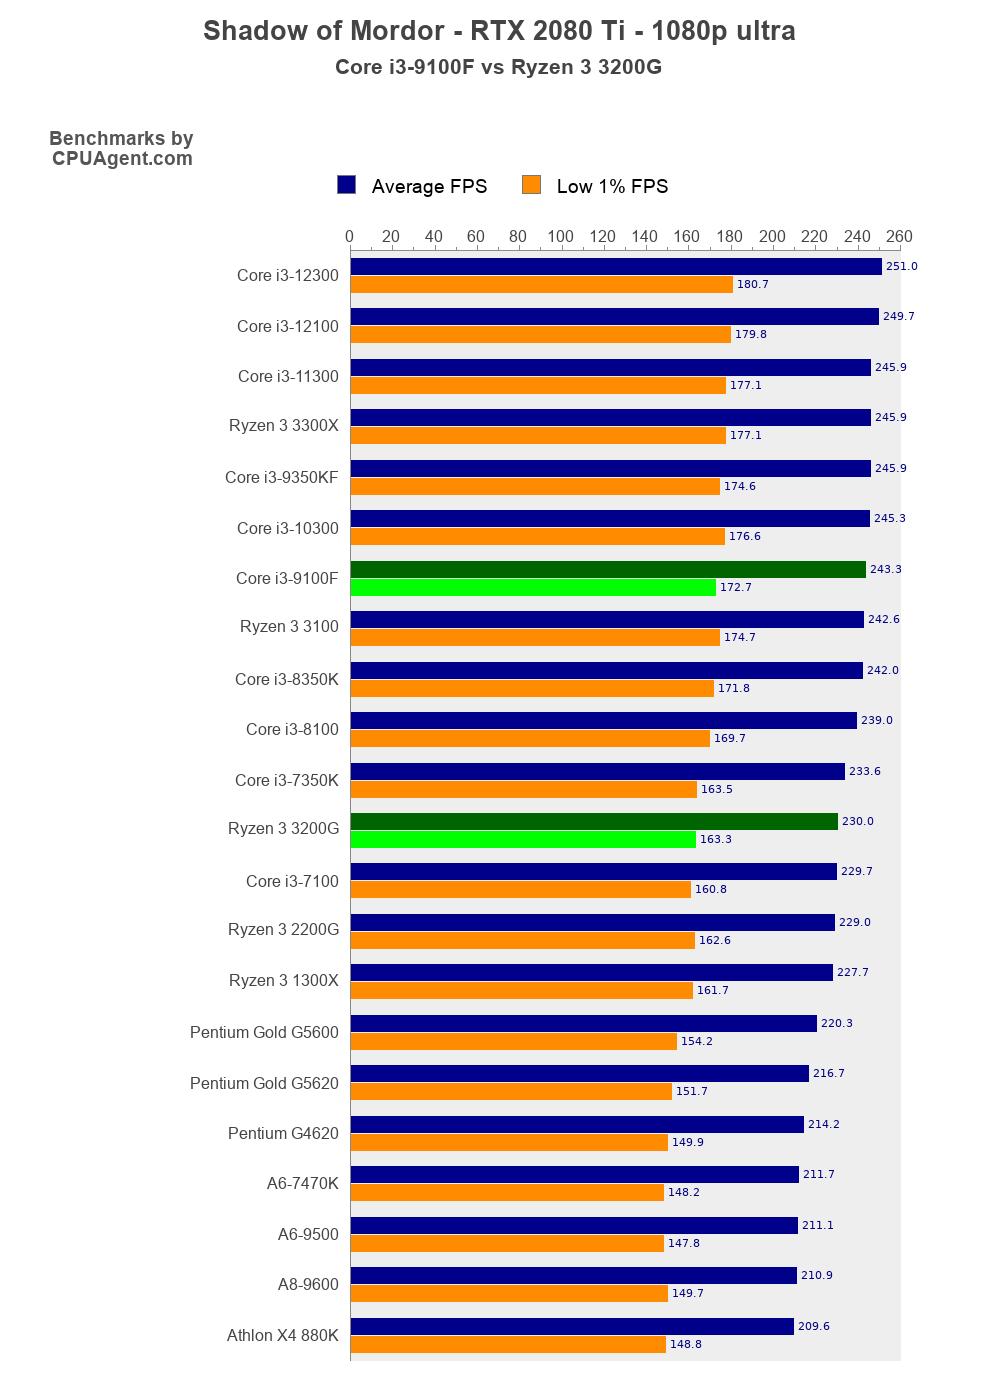 Amd Athlon 300u Setara Dengan : athlon, setara, dengan, I3-9100F, Ryzen, 3200G, Shadow, Mordor, Performance, CPUAgent